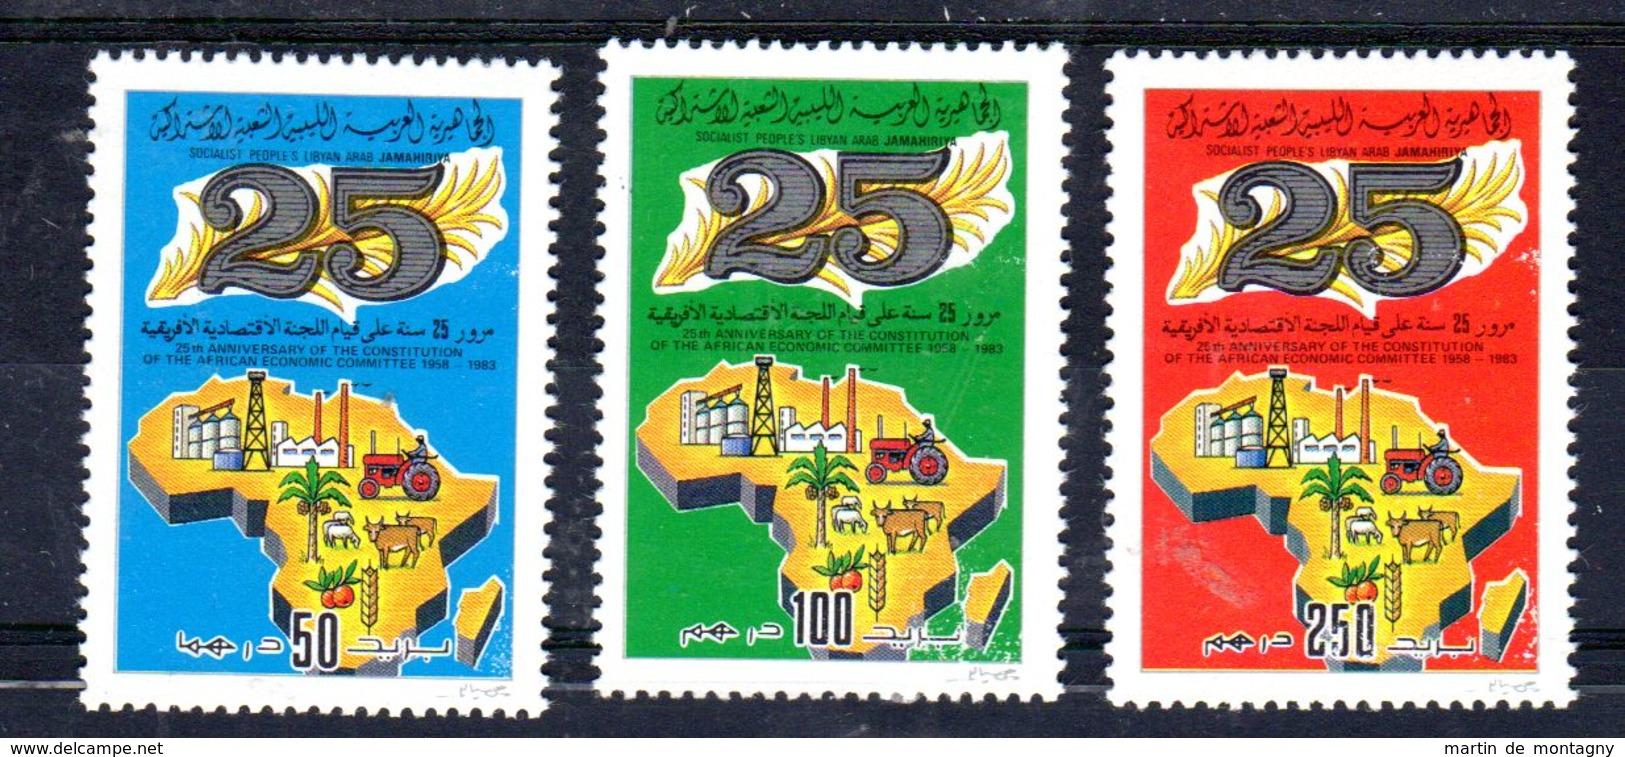 20.4.1983; Comitée économique Afrique;  YT 1155 - 1157; Neuf **, Lot 52015 - Libia